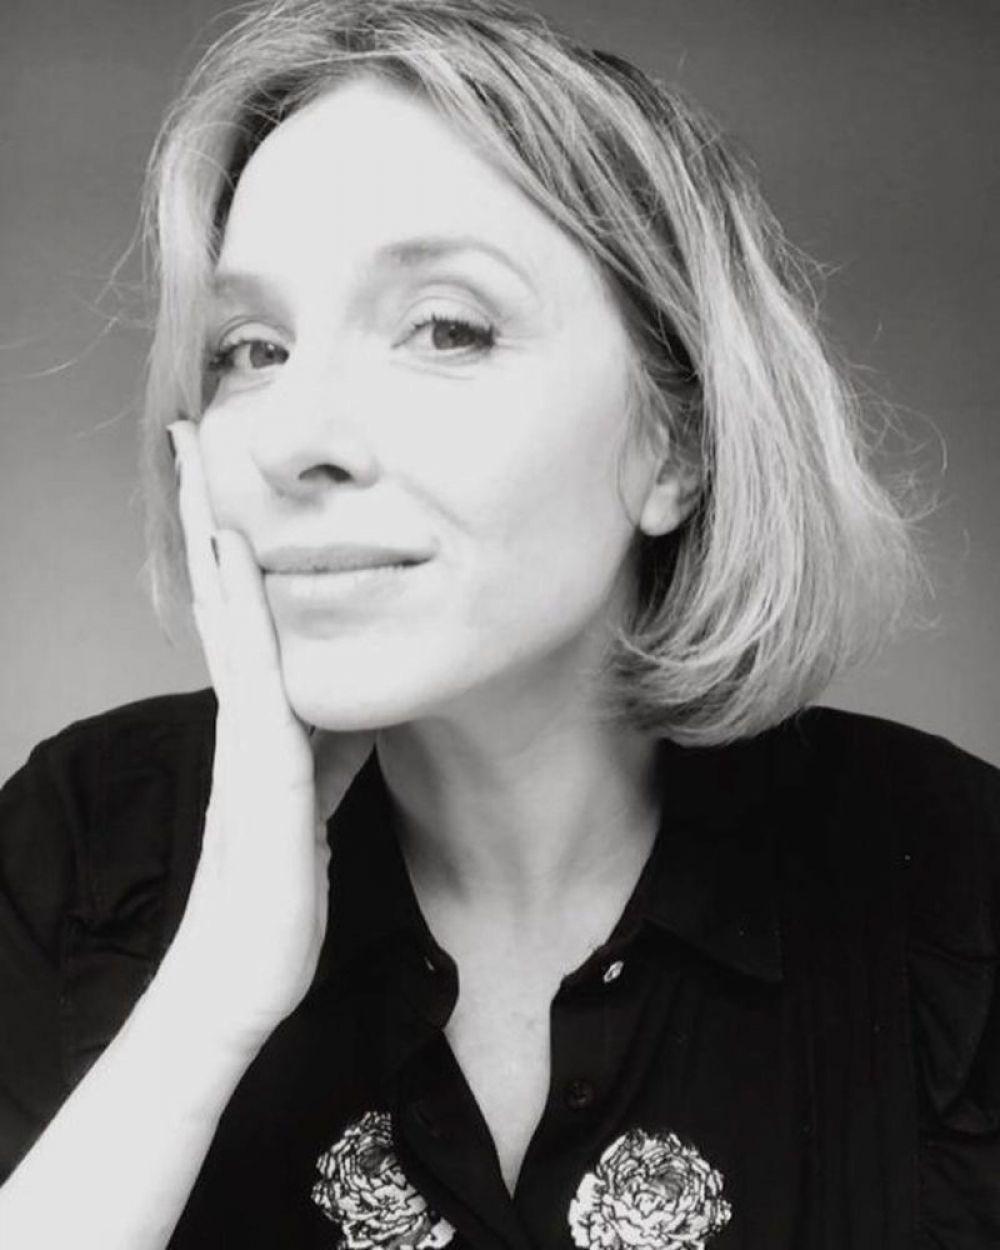 El sorprendente cambio de look de Carla Peterson: pasó por la peluquería